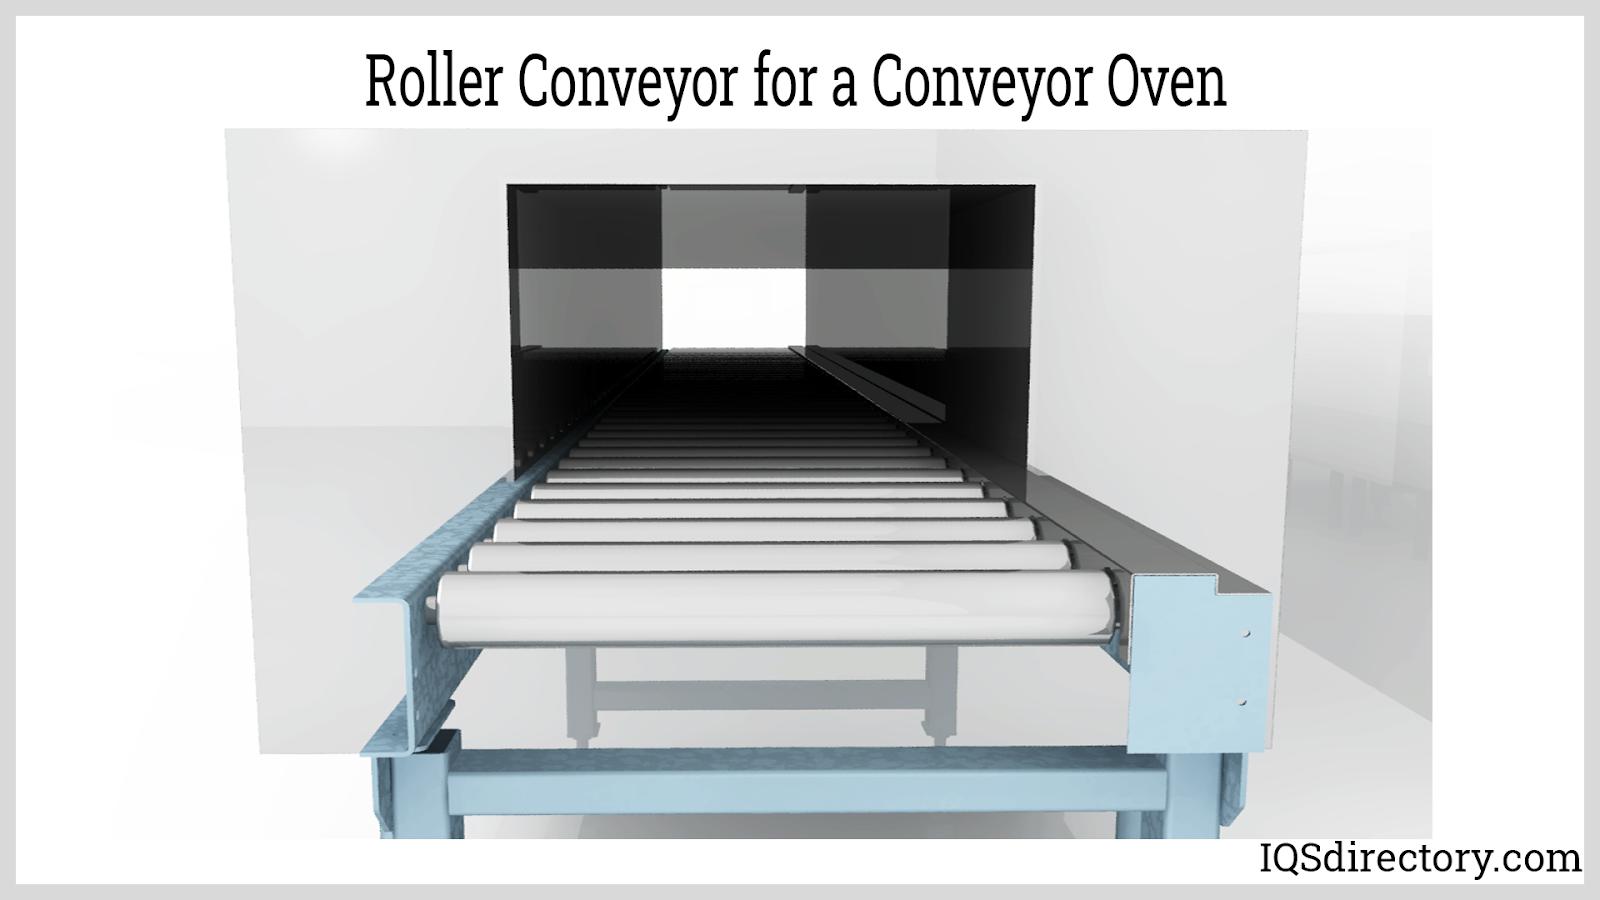 Roller Conveyor for a Conveyor Oven